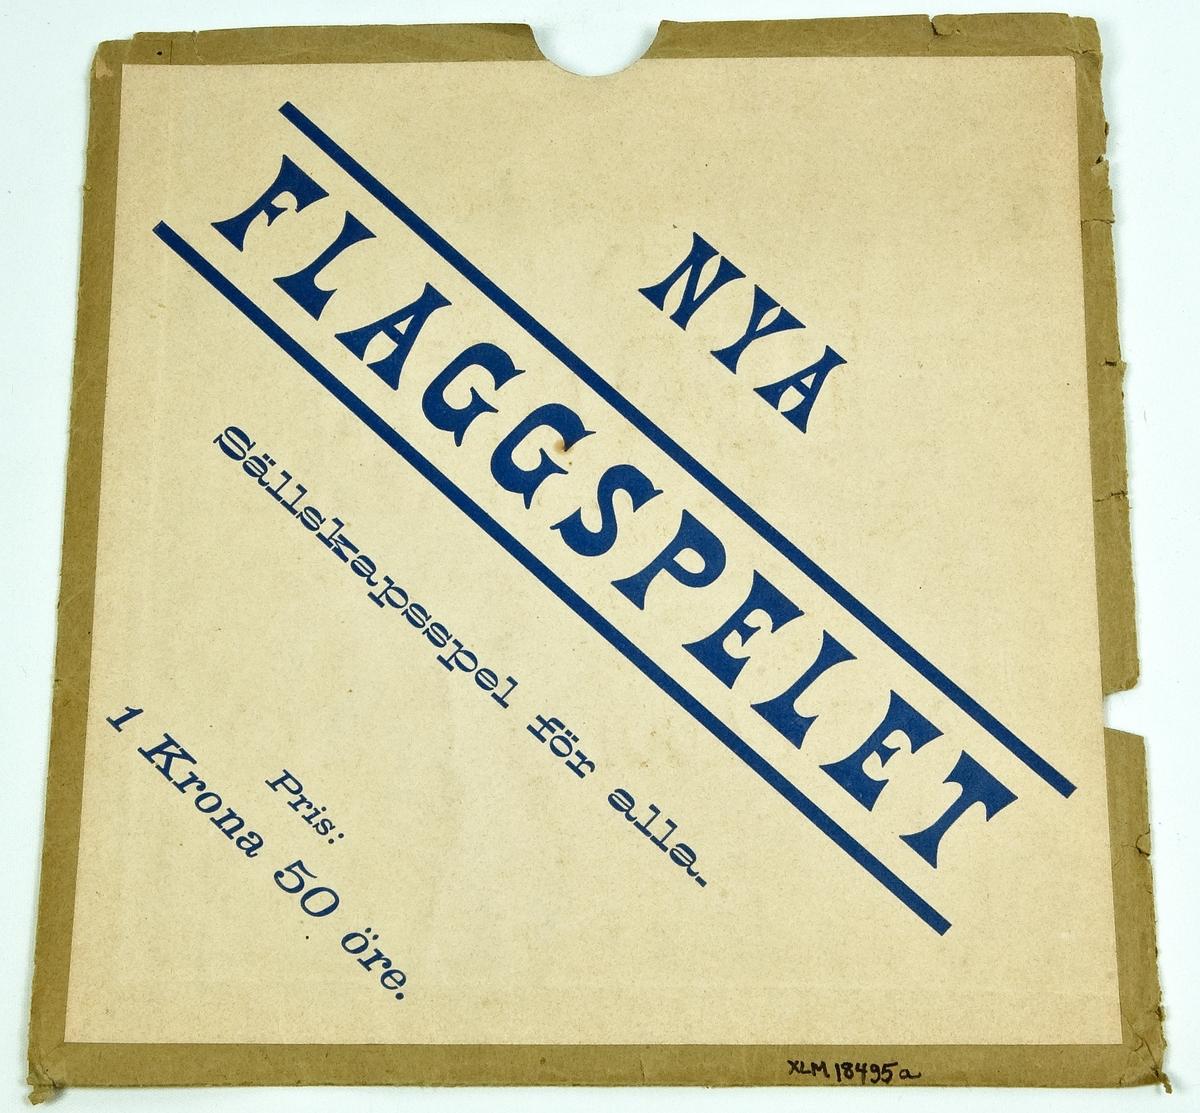 """Kat: kort: Fodral, till Nya Flaggskeppet. Papper. Ena sidan grå med svart tryck """" STÖRSTA LAGER af LEK- SAKER i parti och minut hos A.E. JACOBSSON & Co STOCKHOLM  29 c Drottninggatan 29 c...."""". På andra sidan vitt med blå text """"Nya FLAGGSKEPPET""""."""